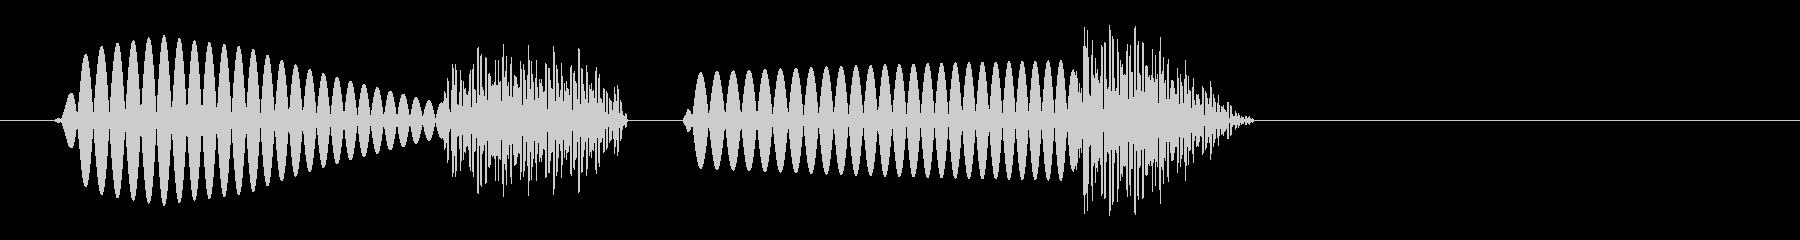 ピピッ(クリック音)の未再生の波形